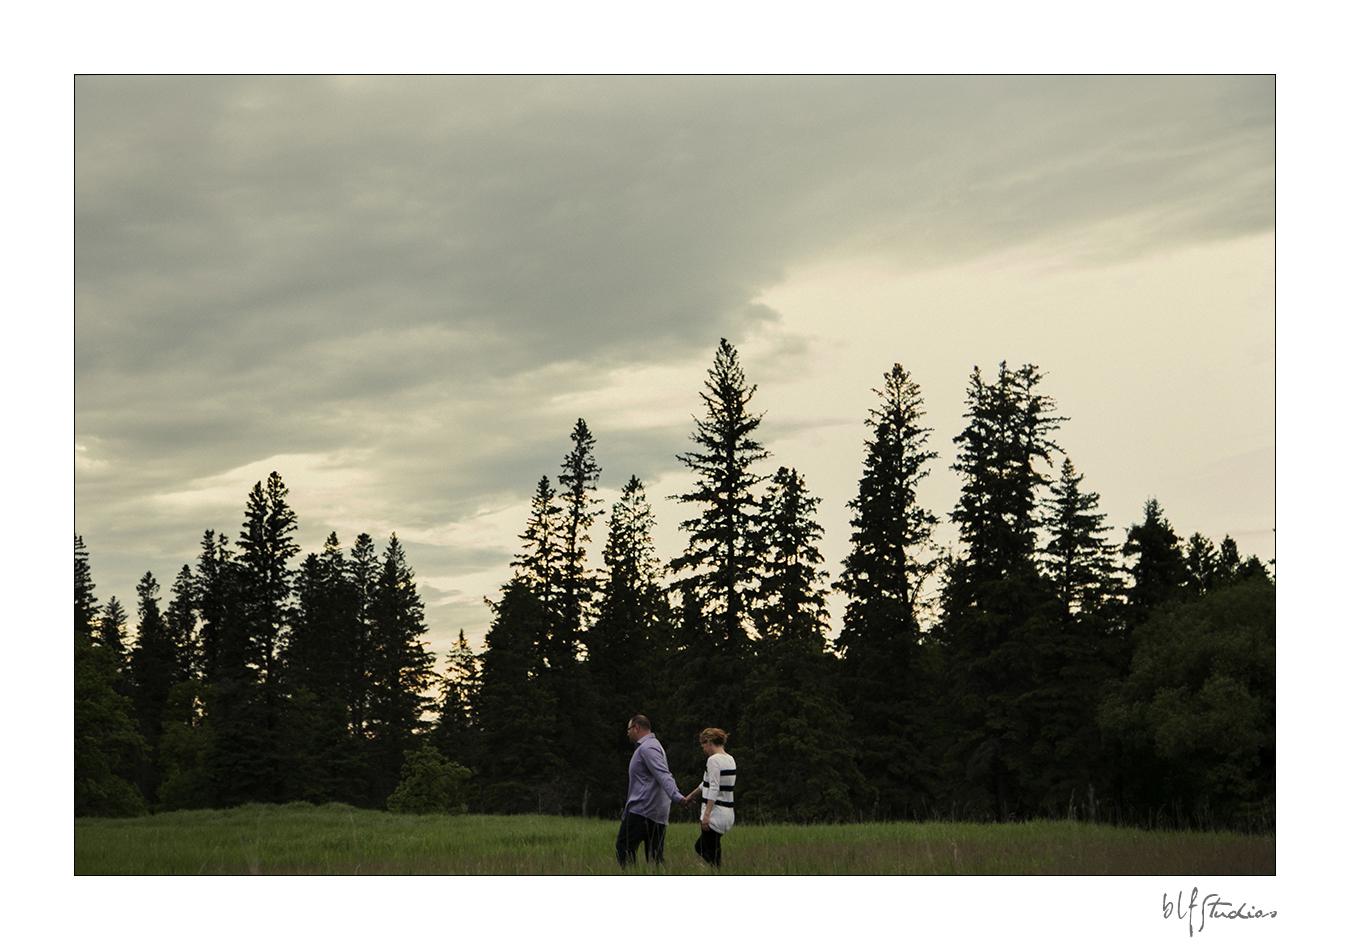 0006-blfstudios-birdshillpark-engagement-scott-casey.jpg